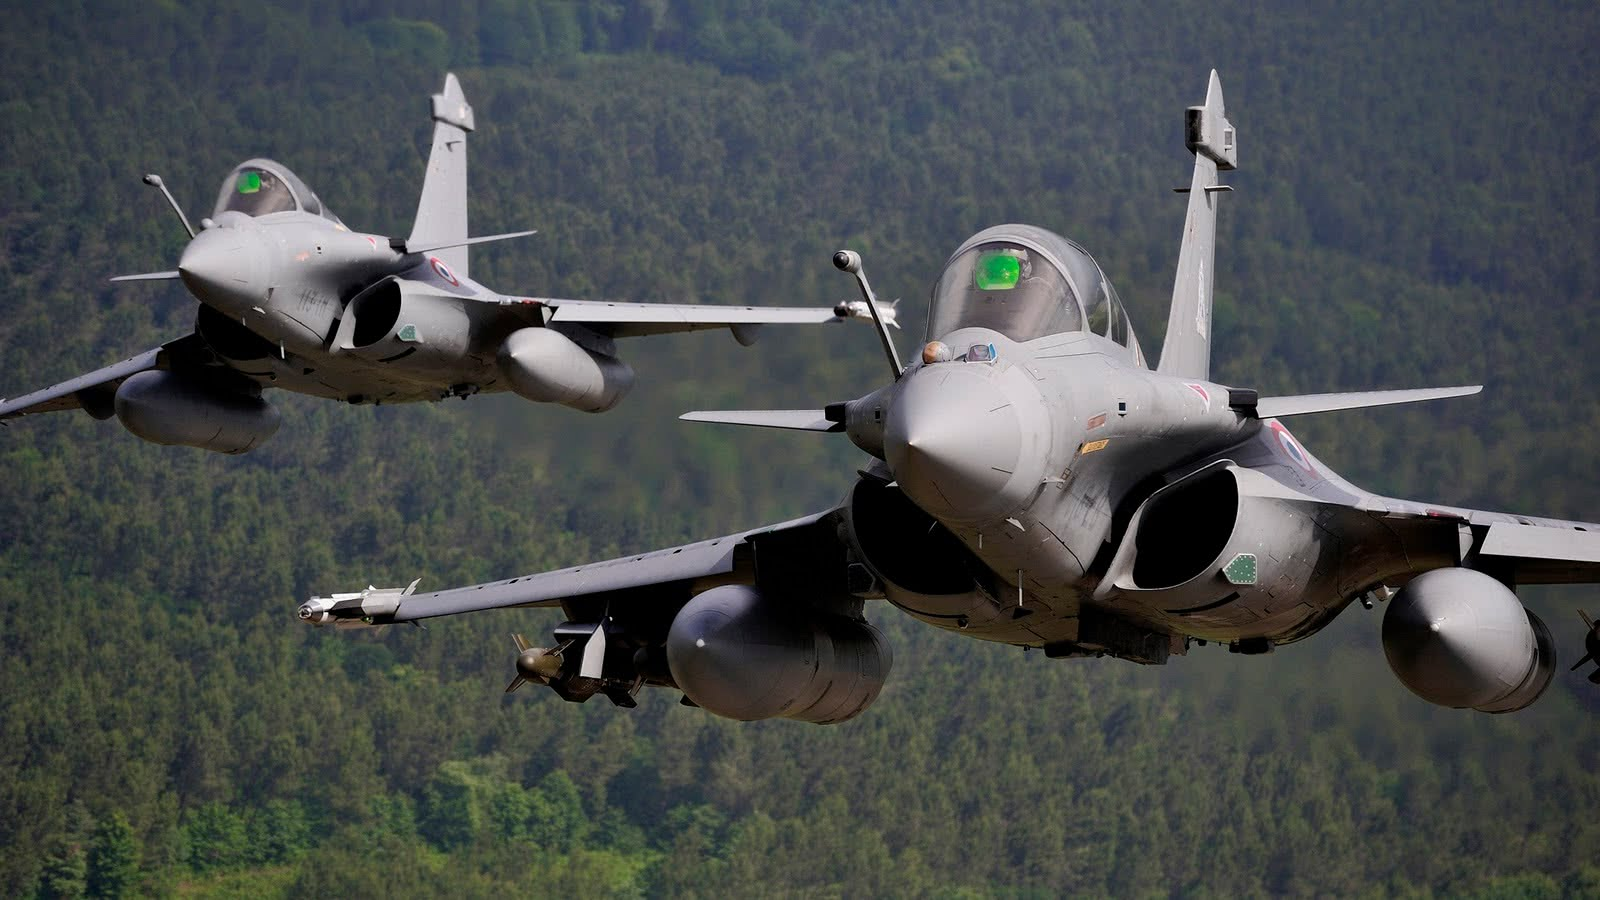 世界头号私人空军!飞行员全是特种兵,战机数量比国家还多